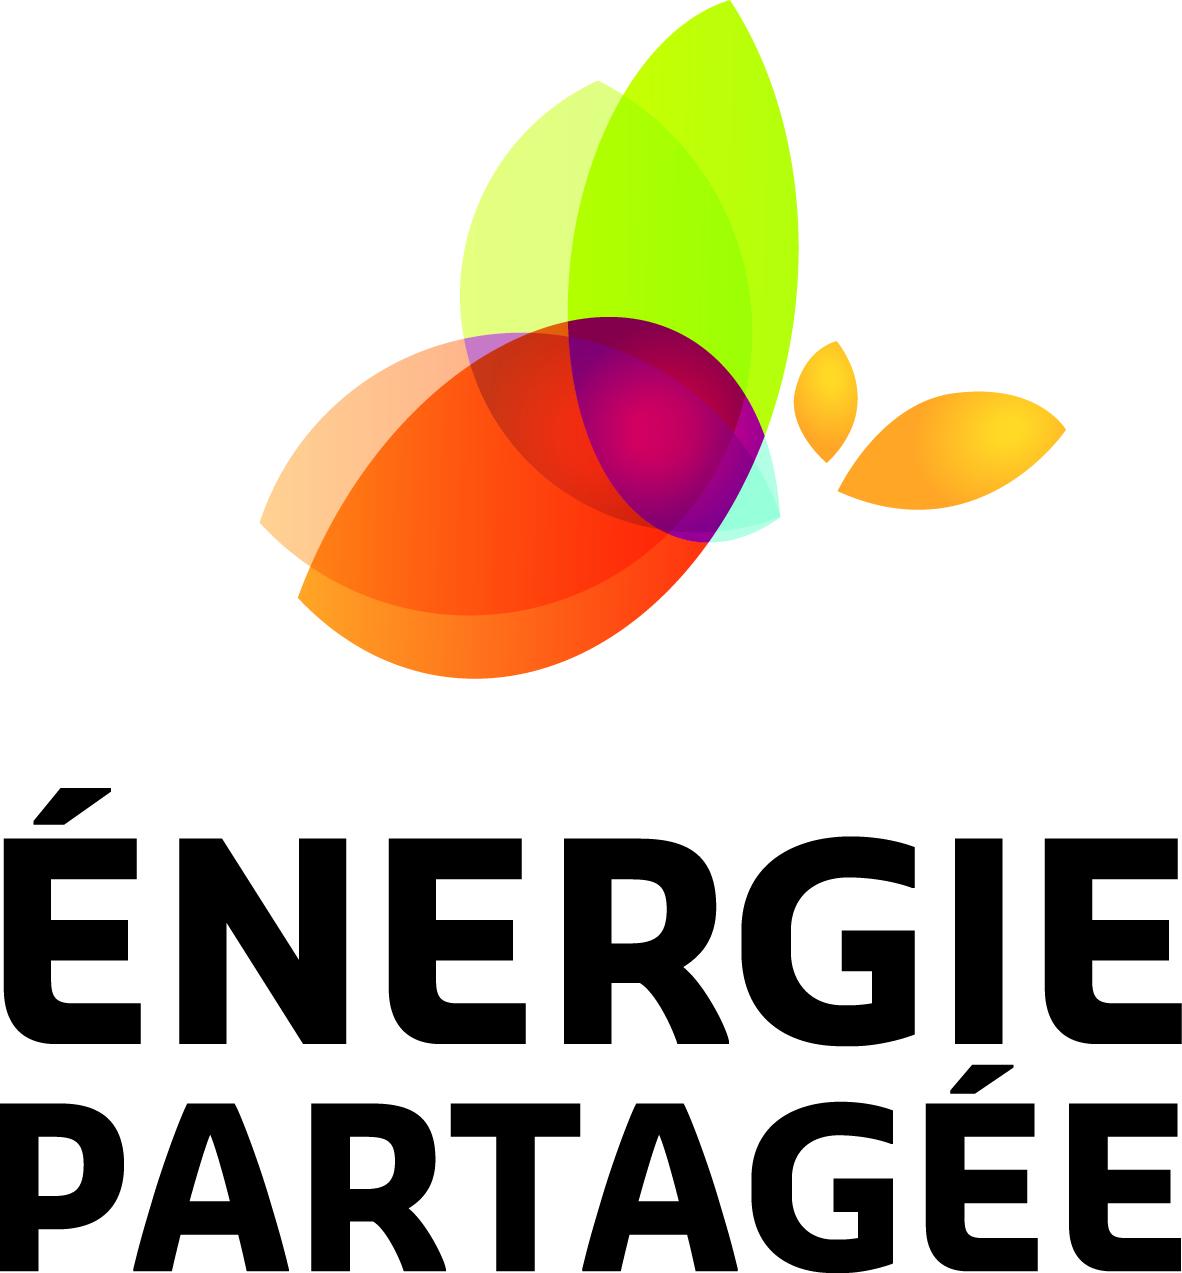 Énergie Partagée